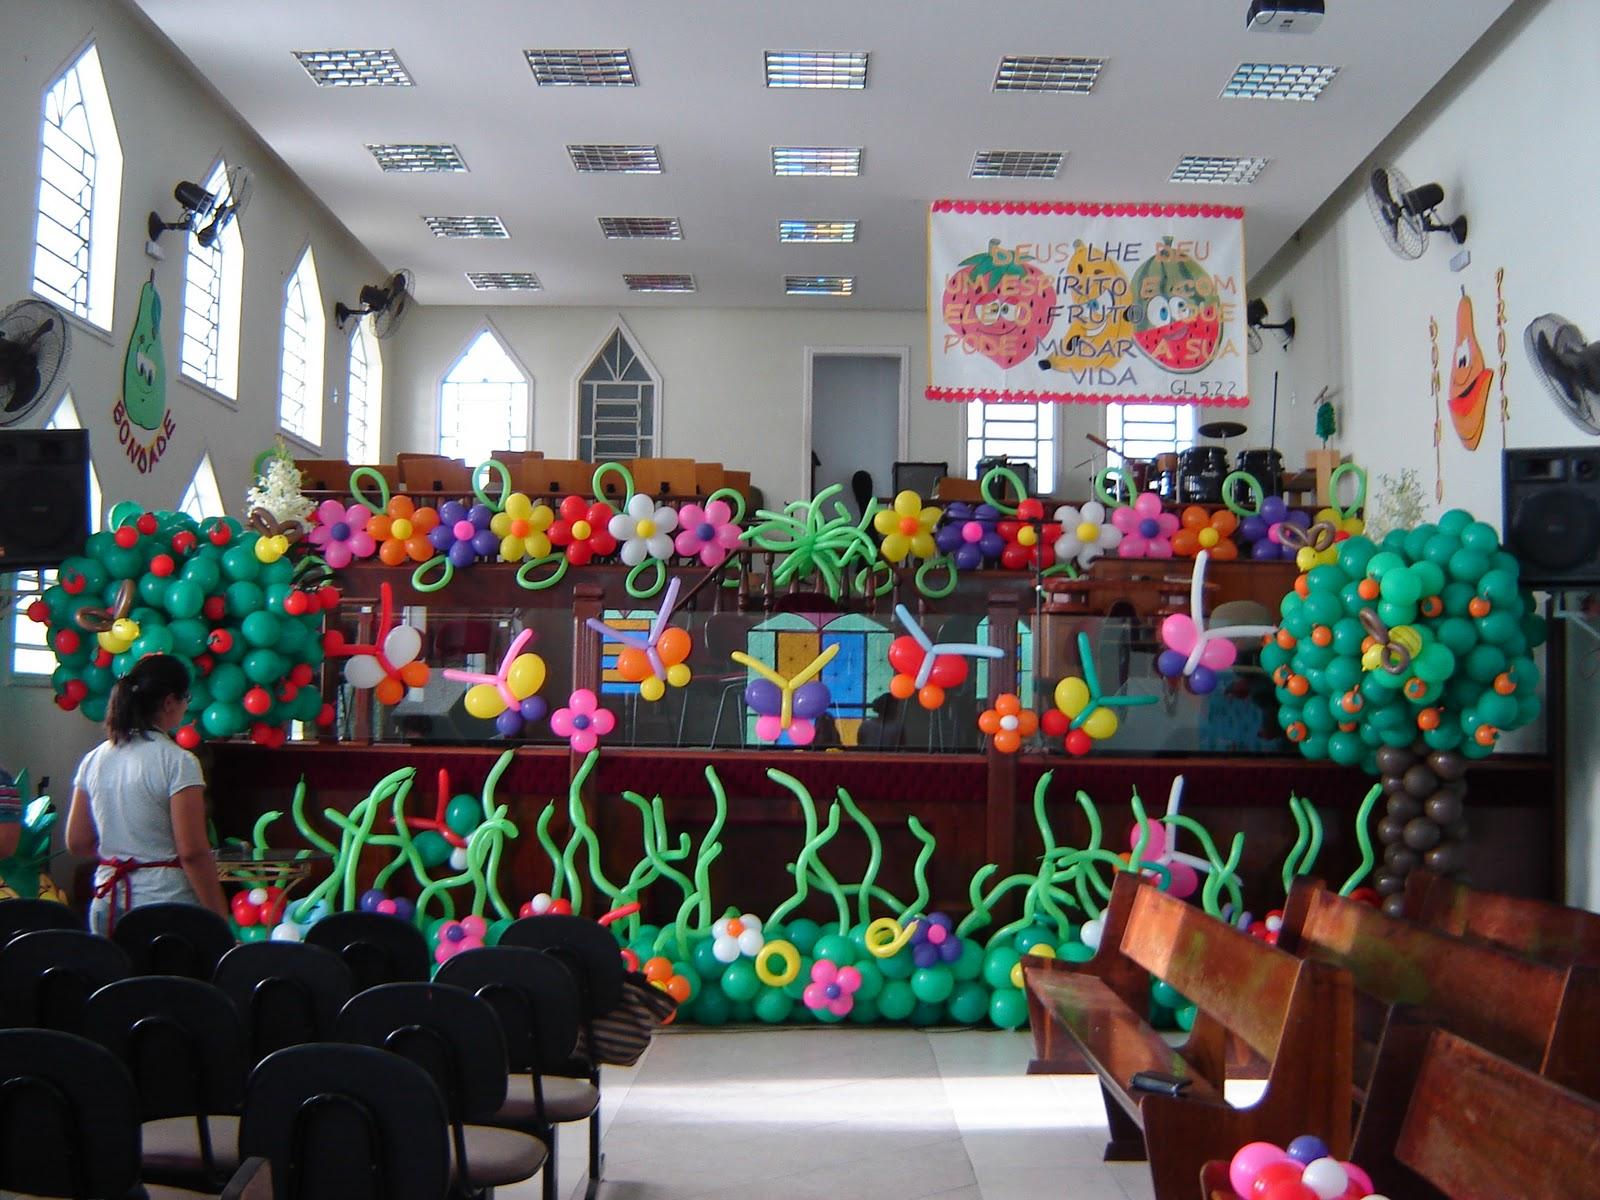 Priscila Arte em balões Decoraç u00e3o da Igreja Evangélica Terra Brasil -> Decoração Simples Para Festividade De Igreja Evangelica